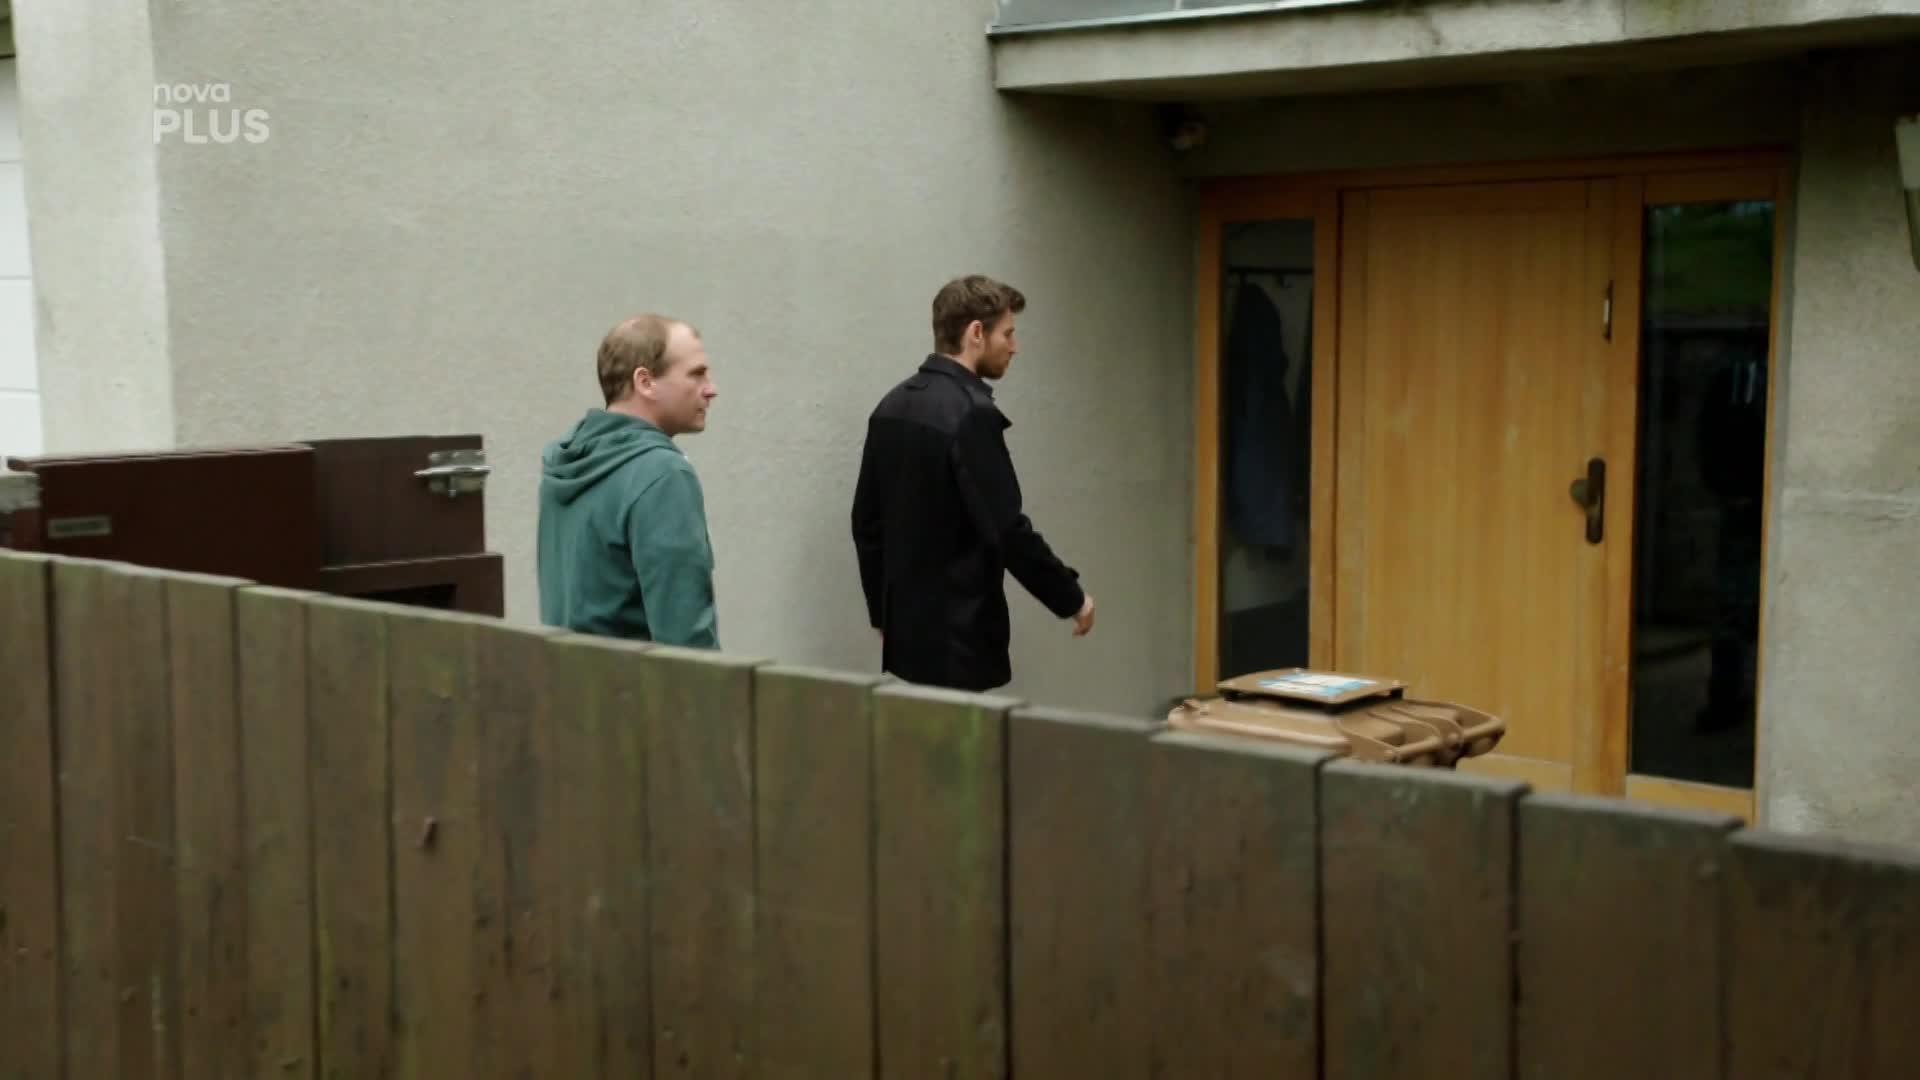 Namířené pistole se Oliver nebojí, tak po něm vojáci hodí granát! Roztrhá ho na kousky?